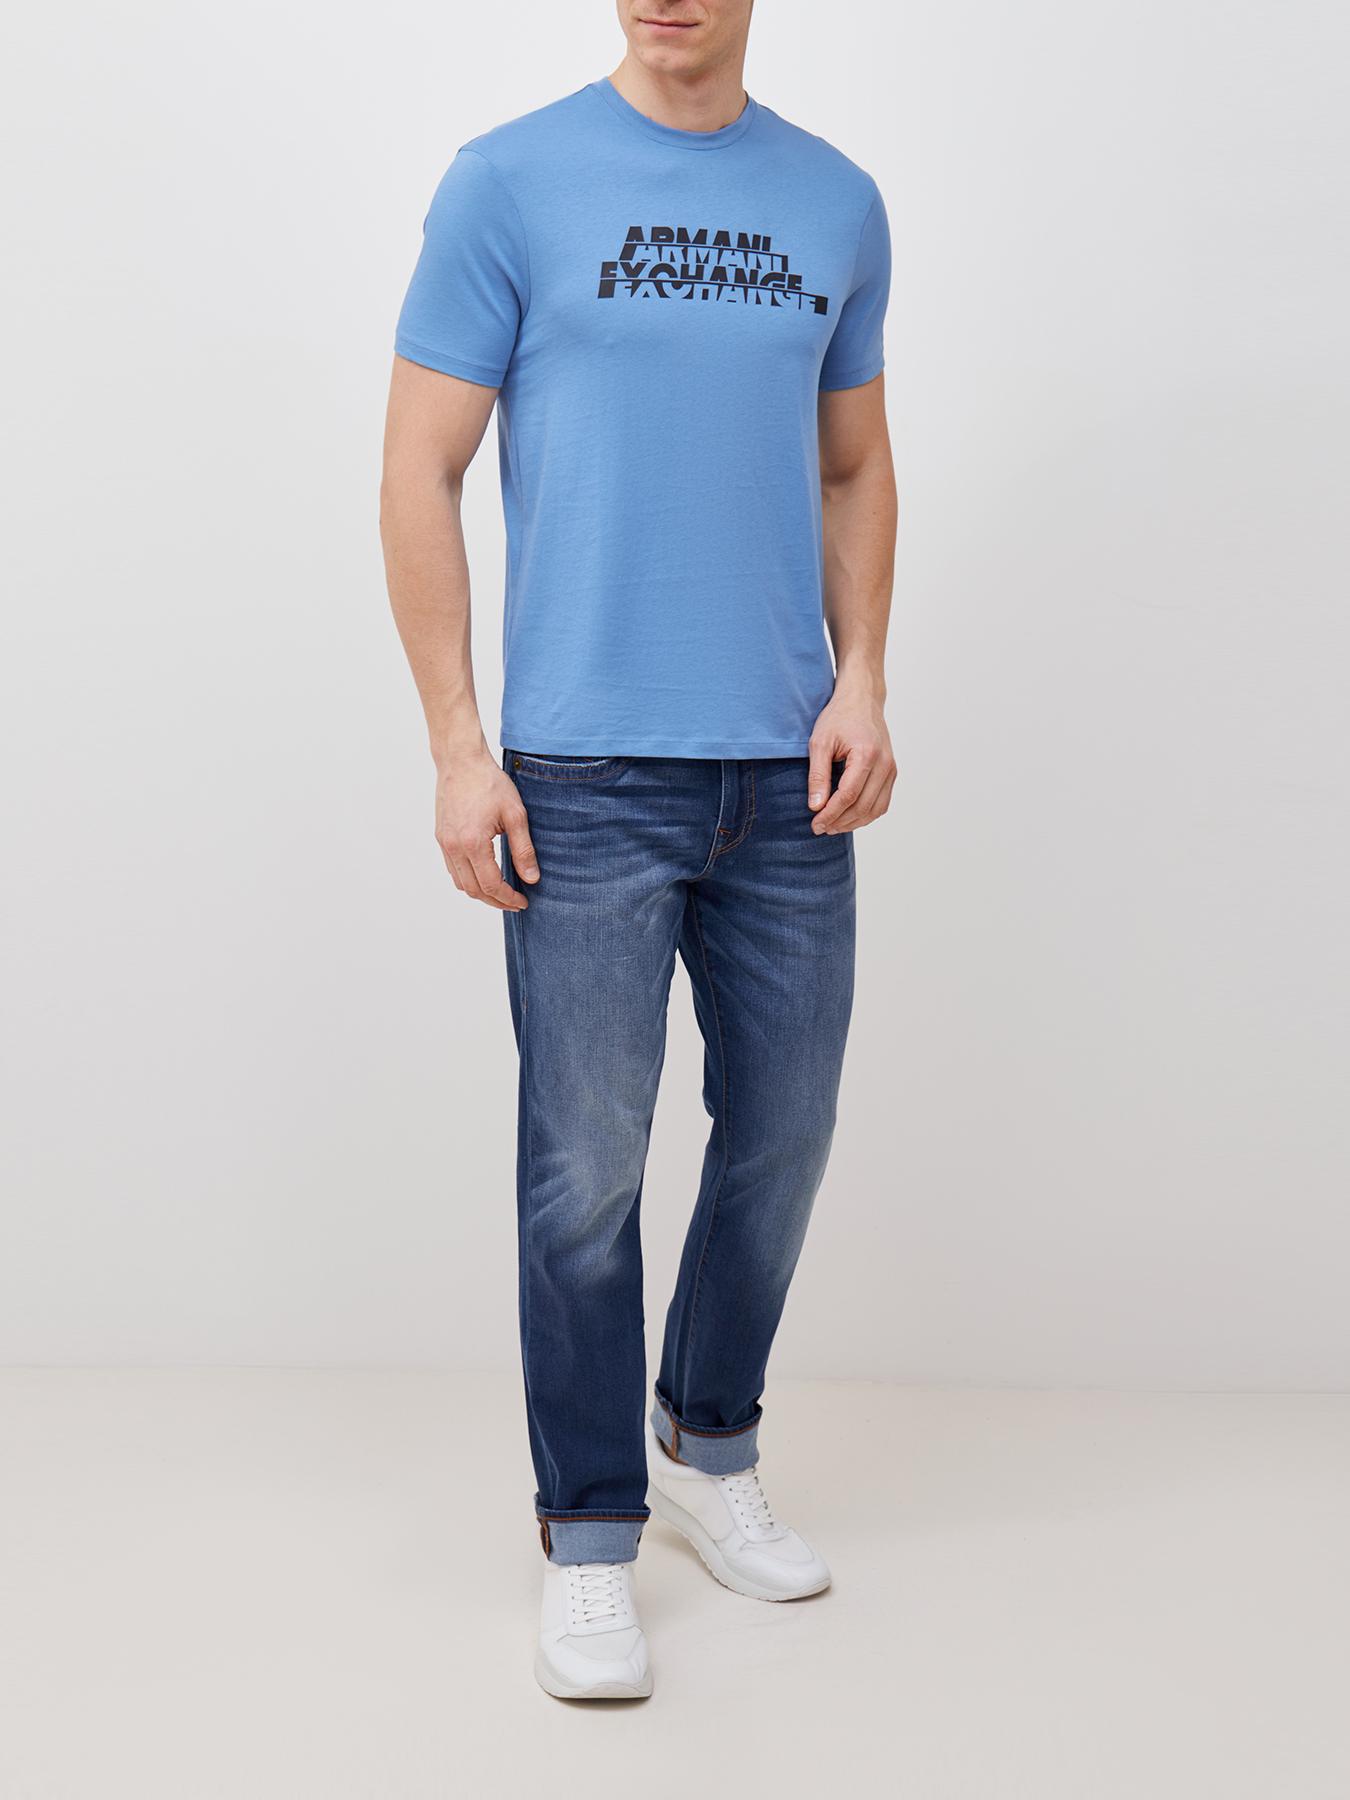 Armani Exchange Футболка фото